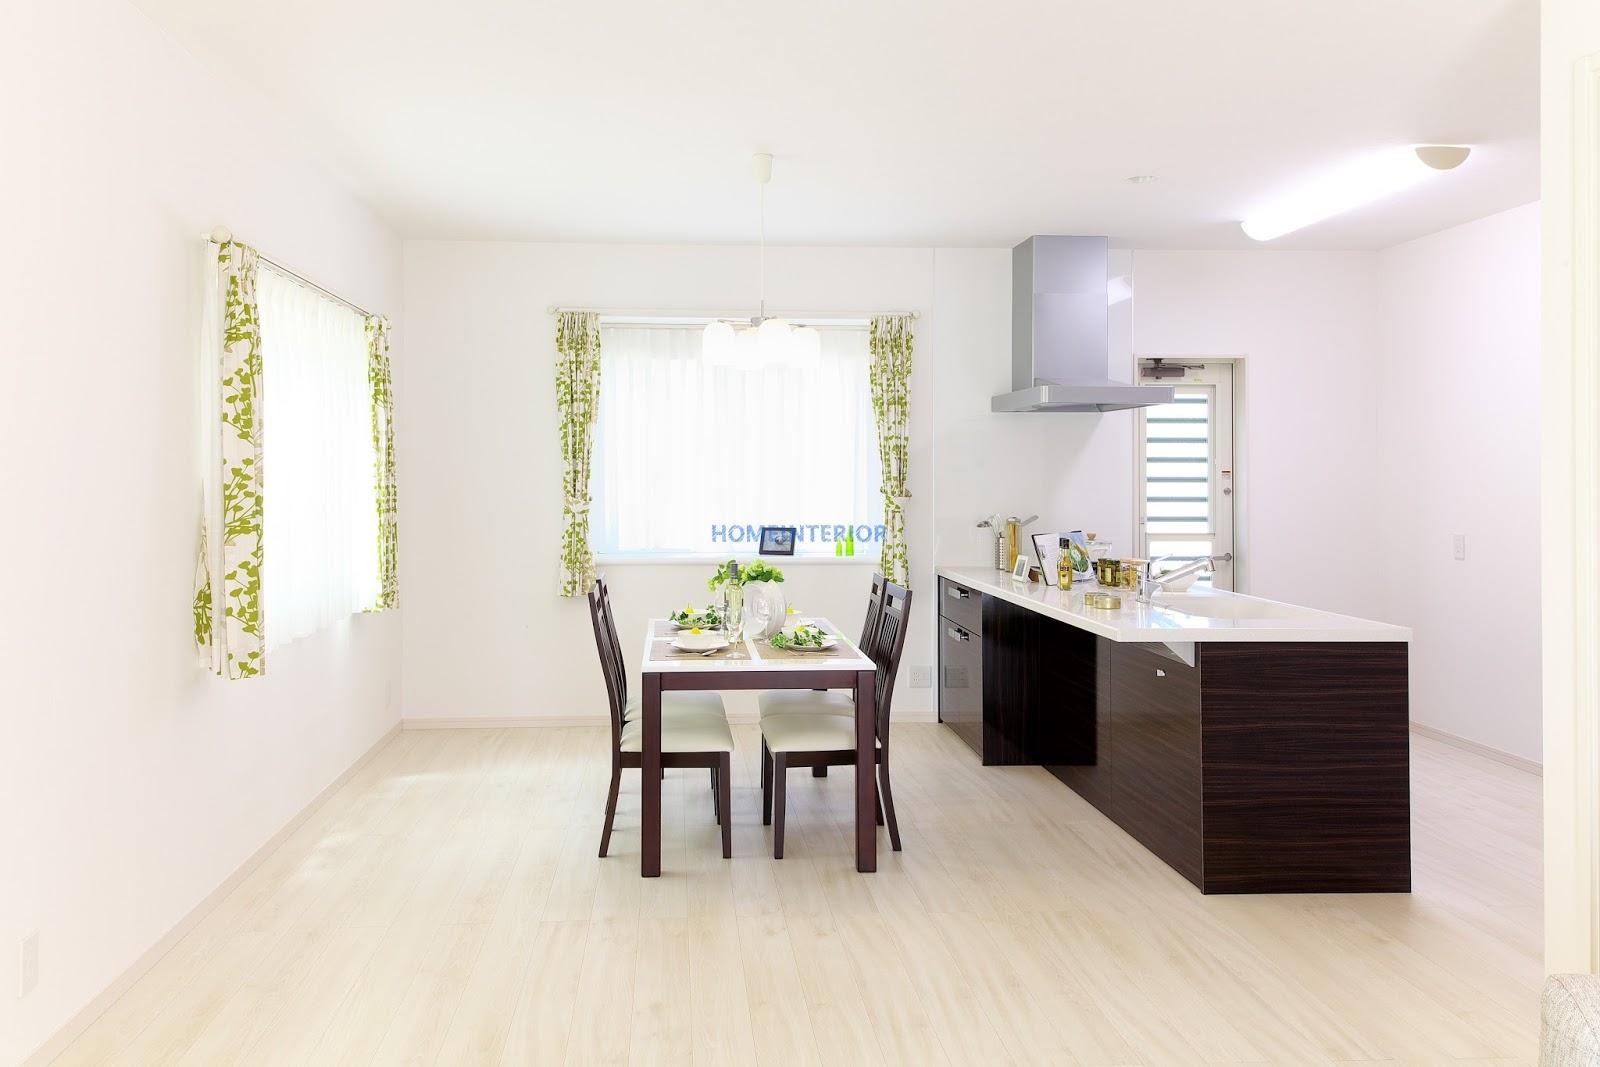 25+ Elegant Dining Room Interior Ideas - Home Interior Design Ideas